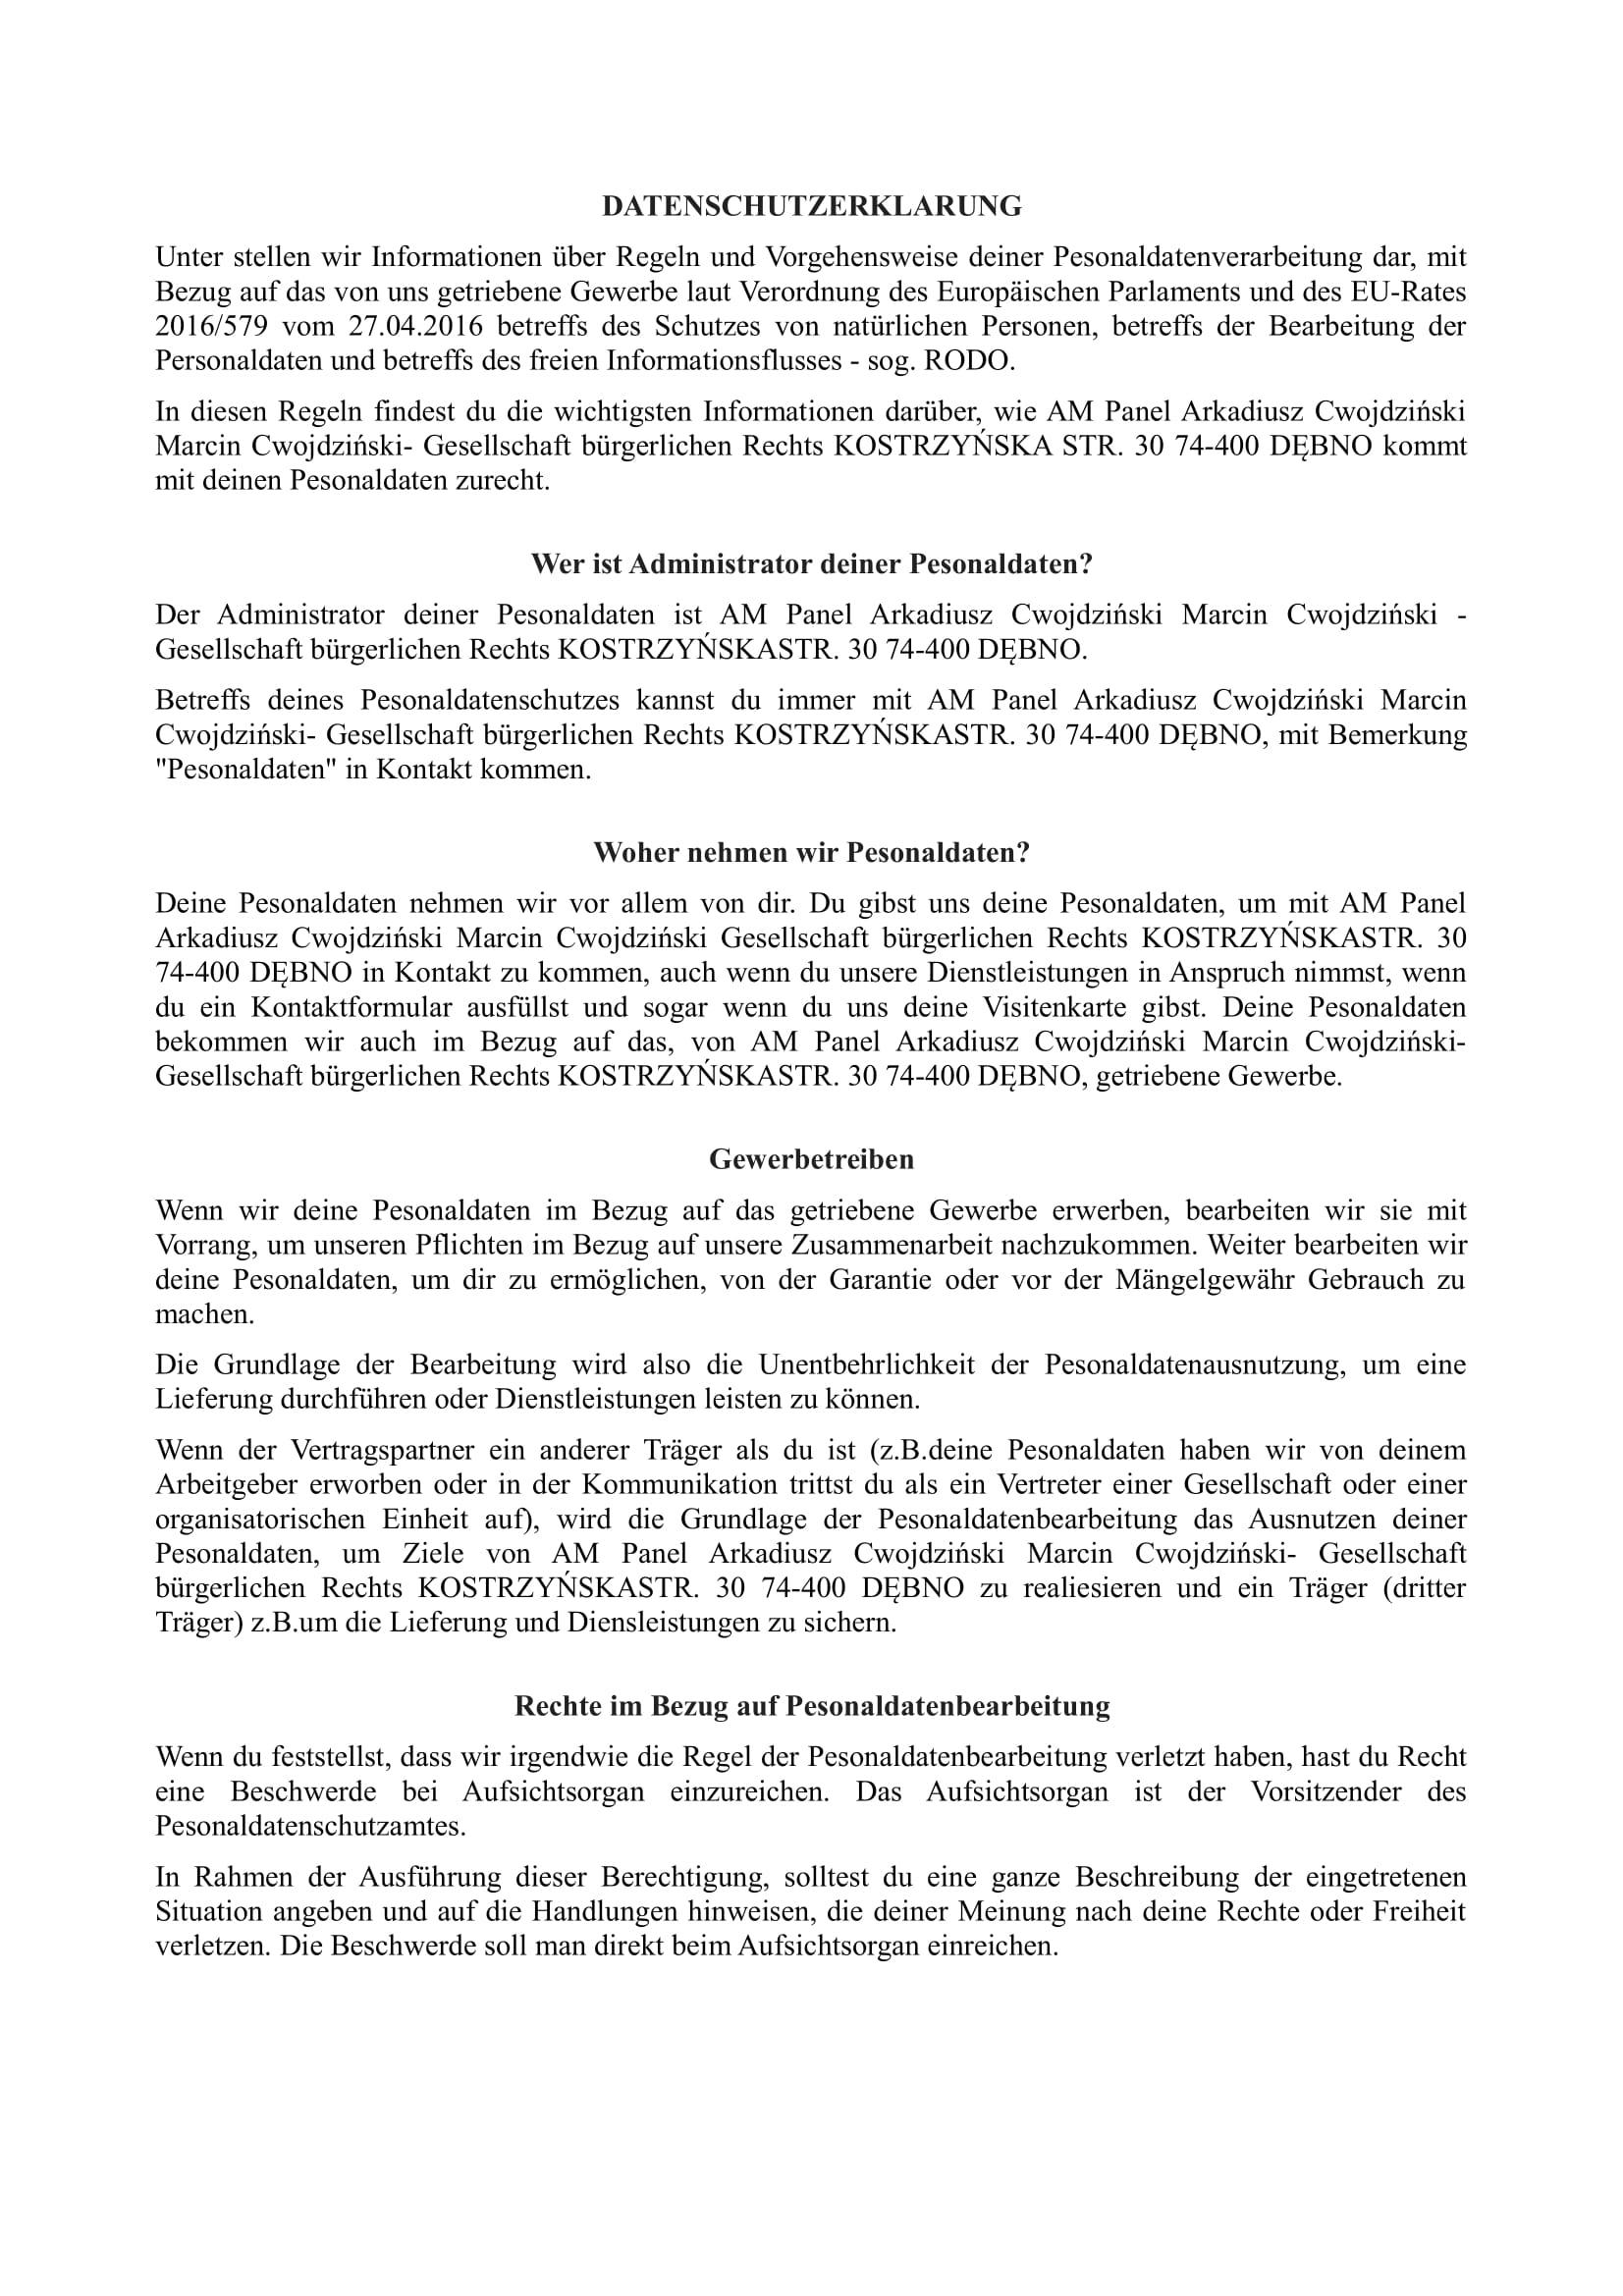 Datenschutzerklarung Zäune Oranienburg